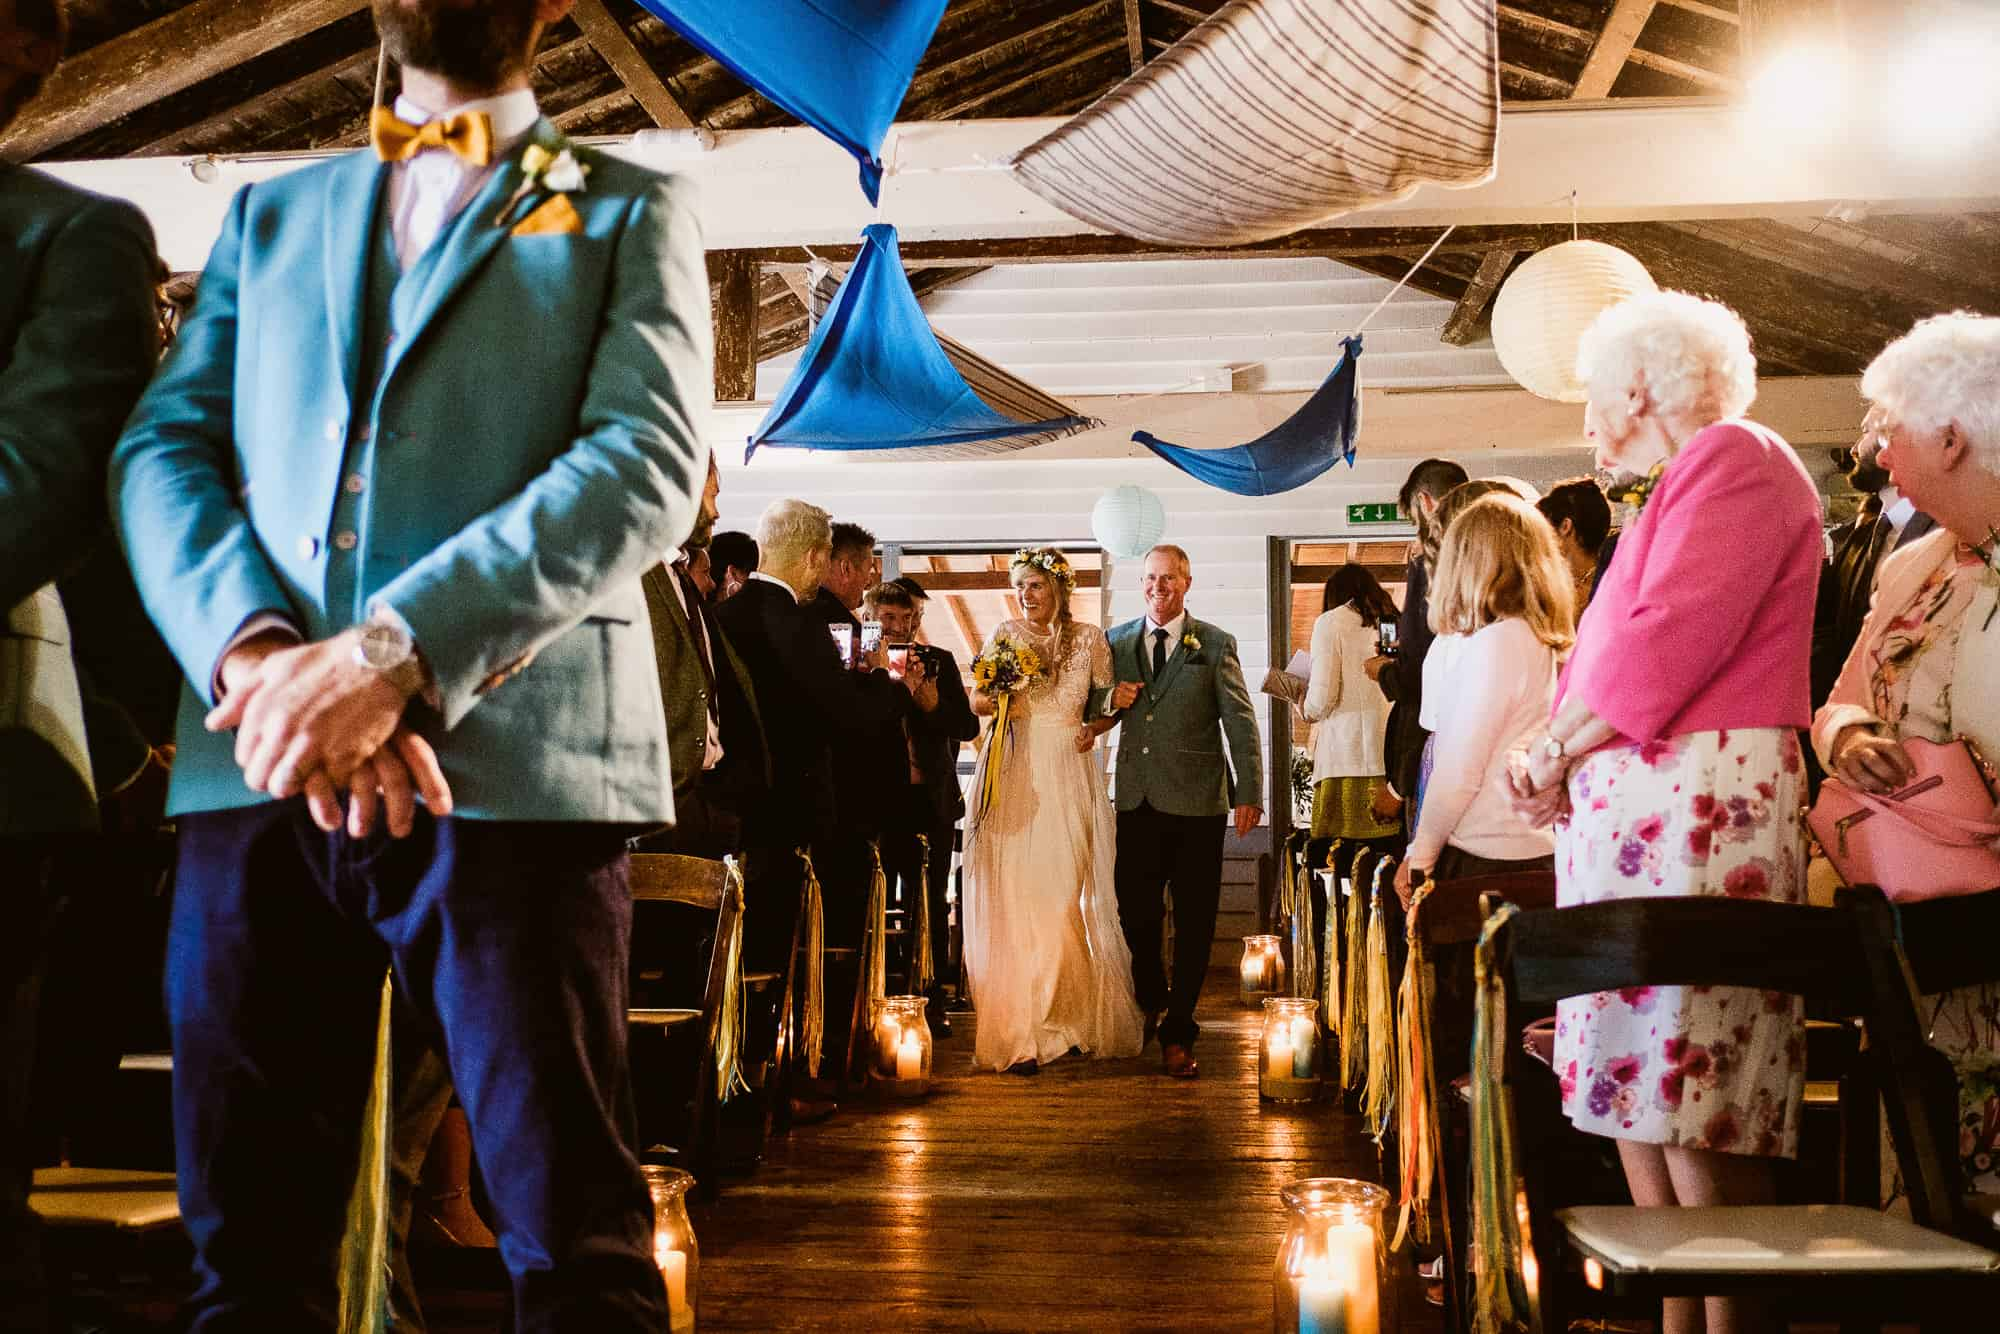 east-quay-wedding-photography-matt-tyler-0027